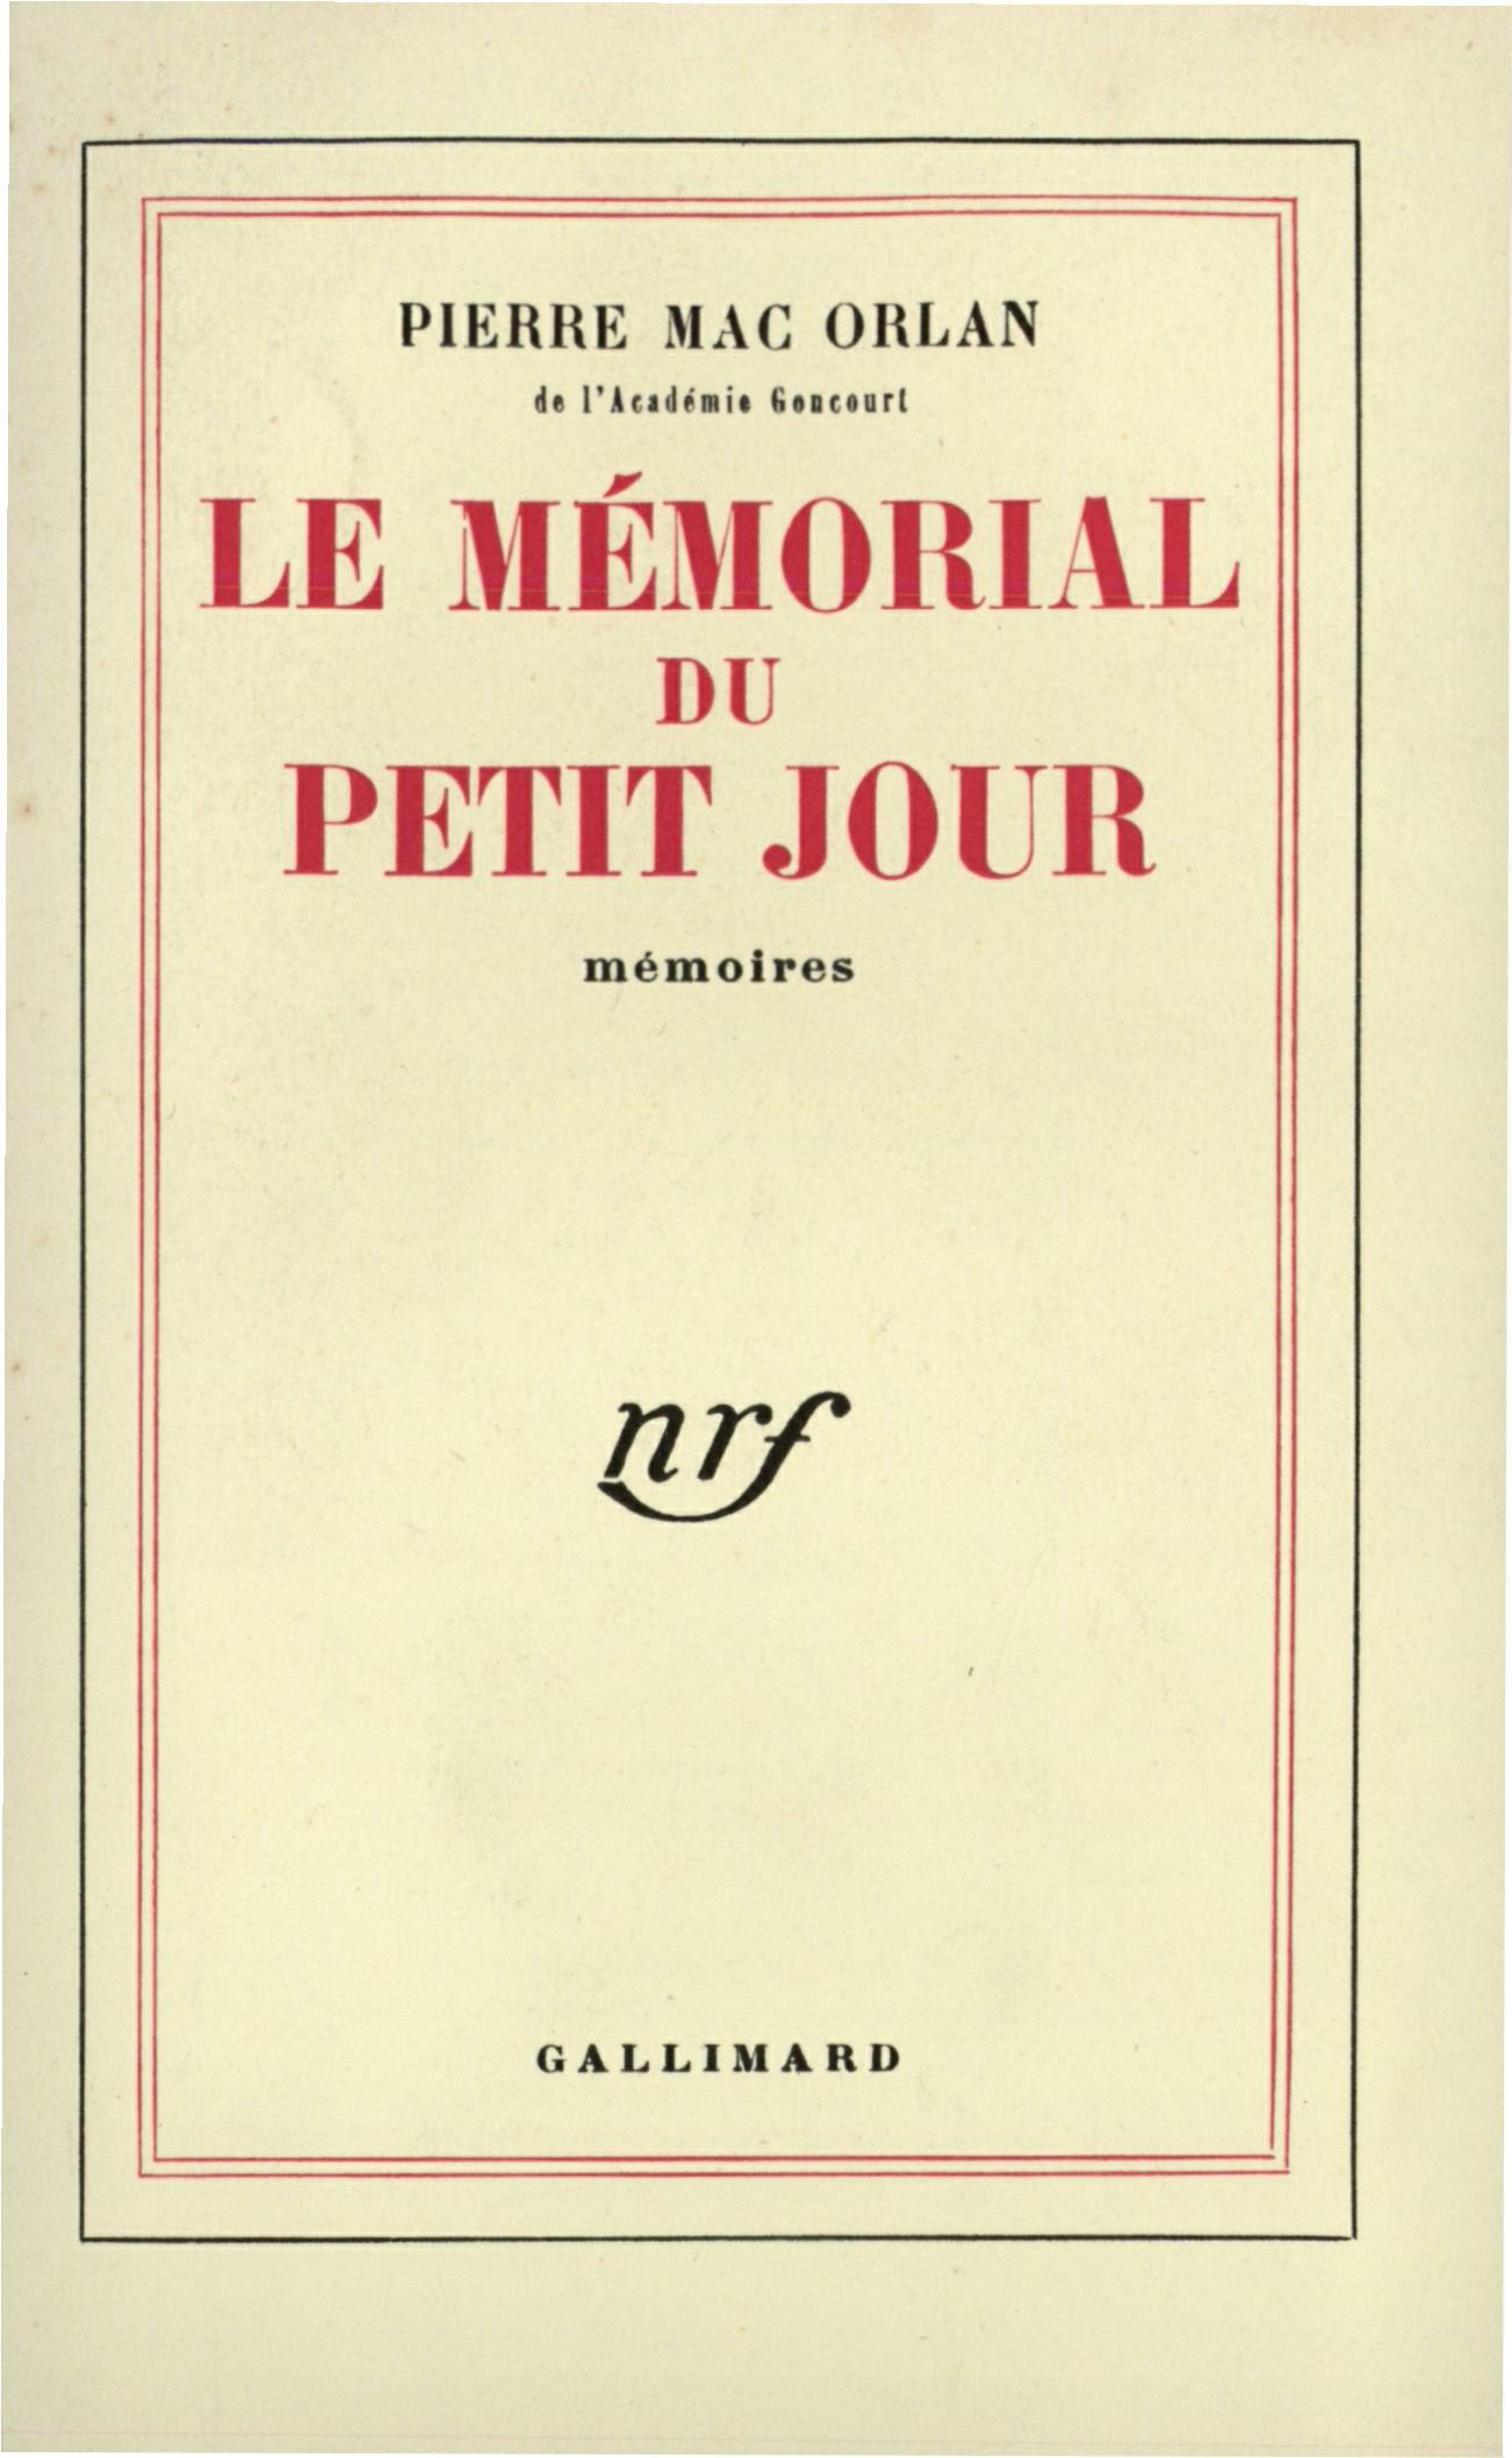 Le Mémorial du petit jour